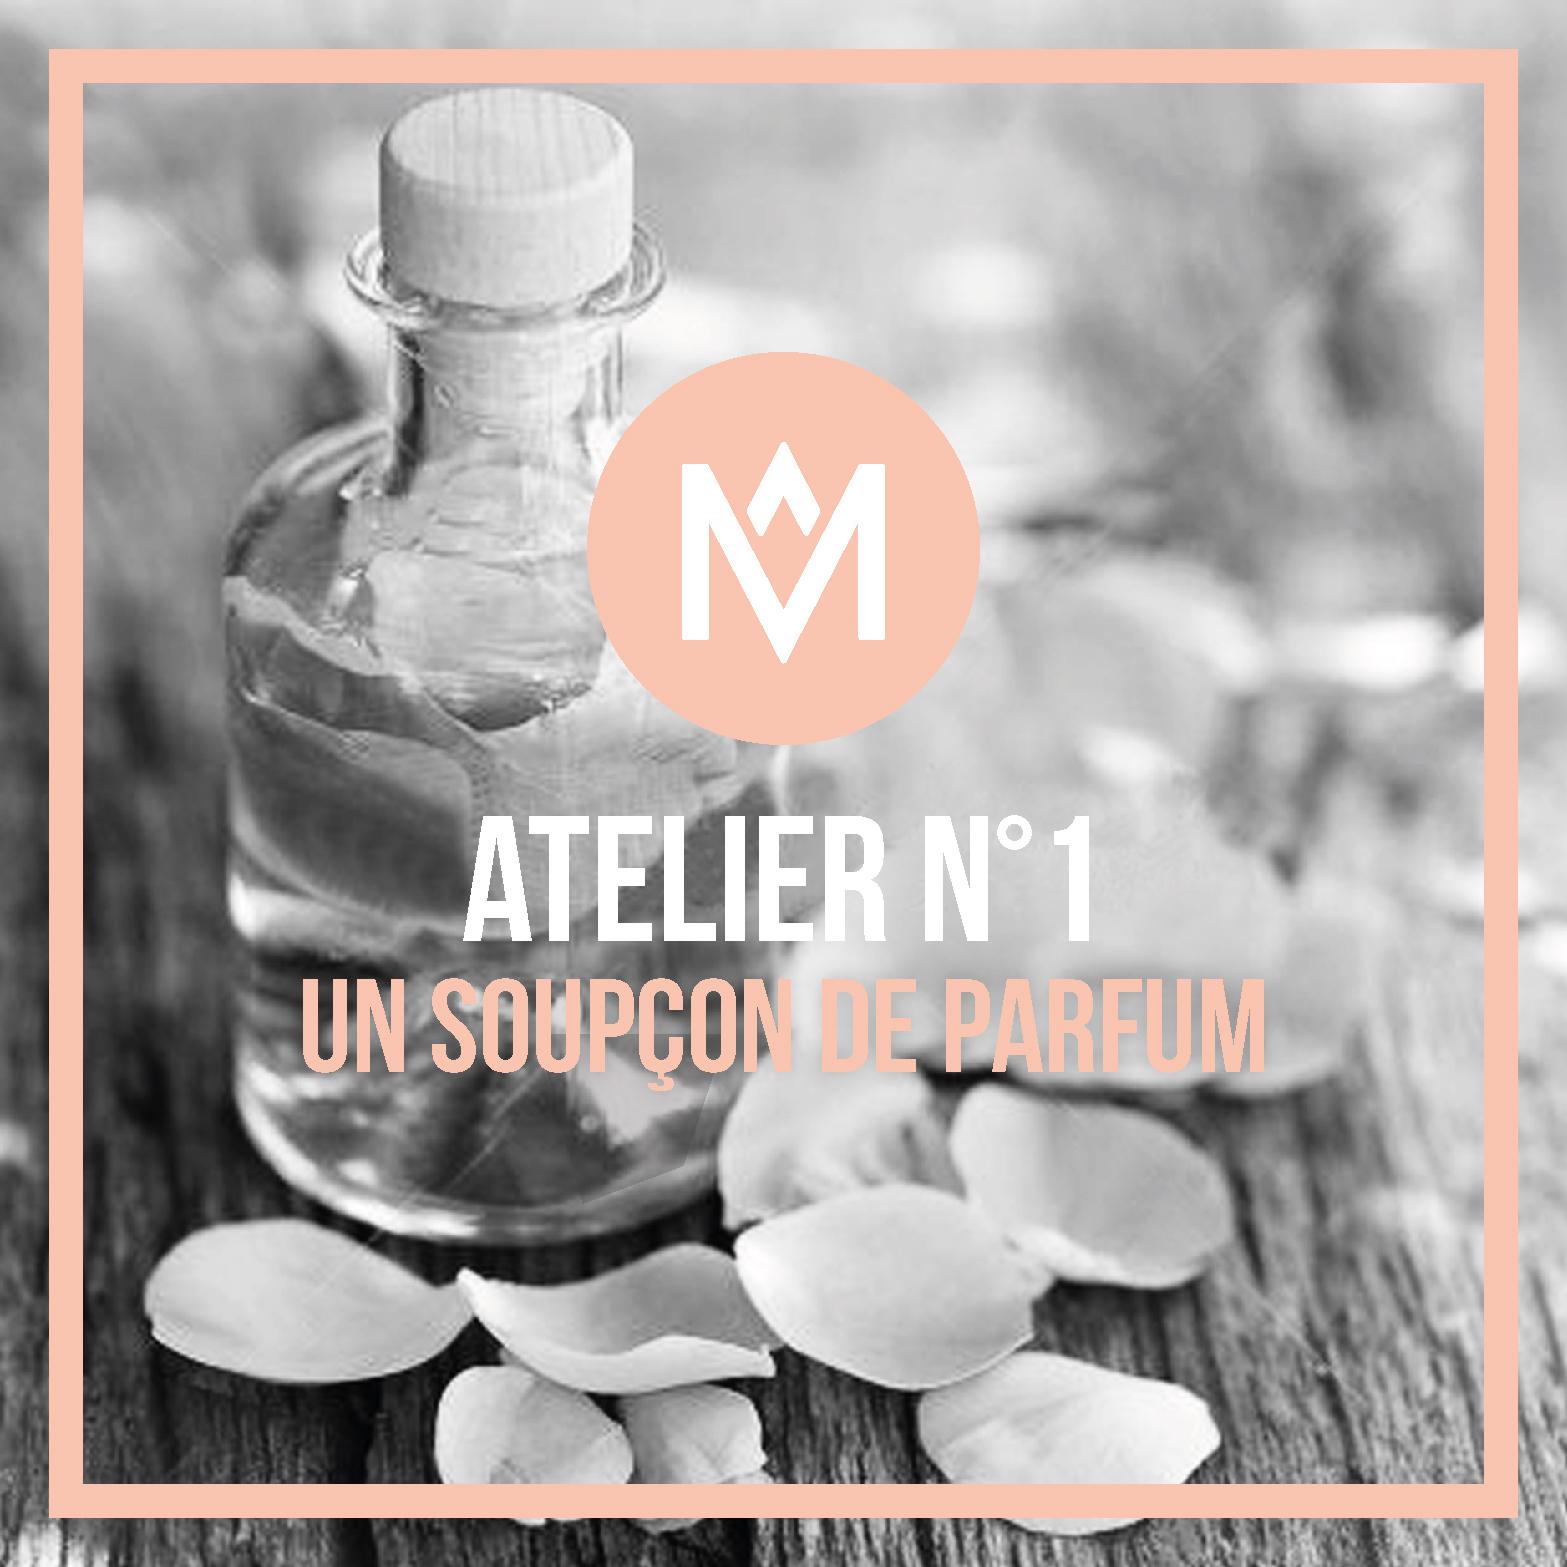 MÊME ATELIER 1 PARFUM